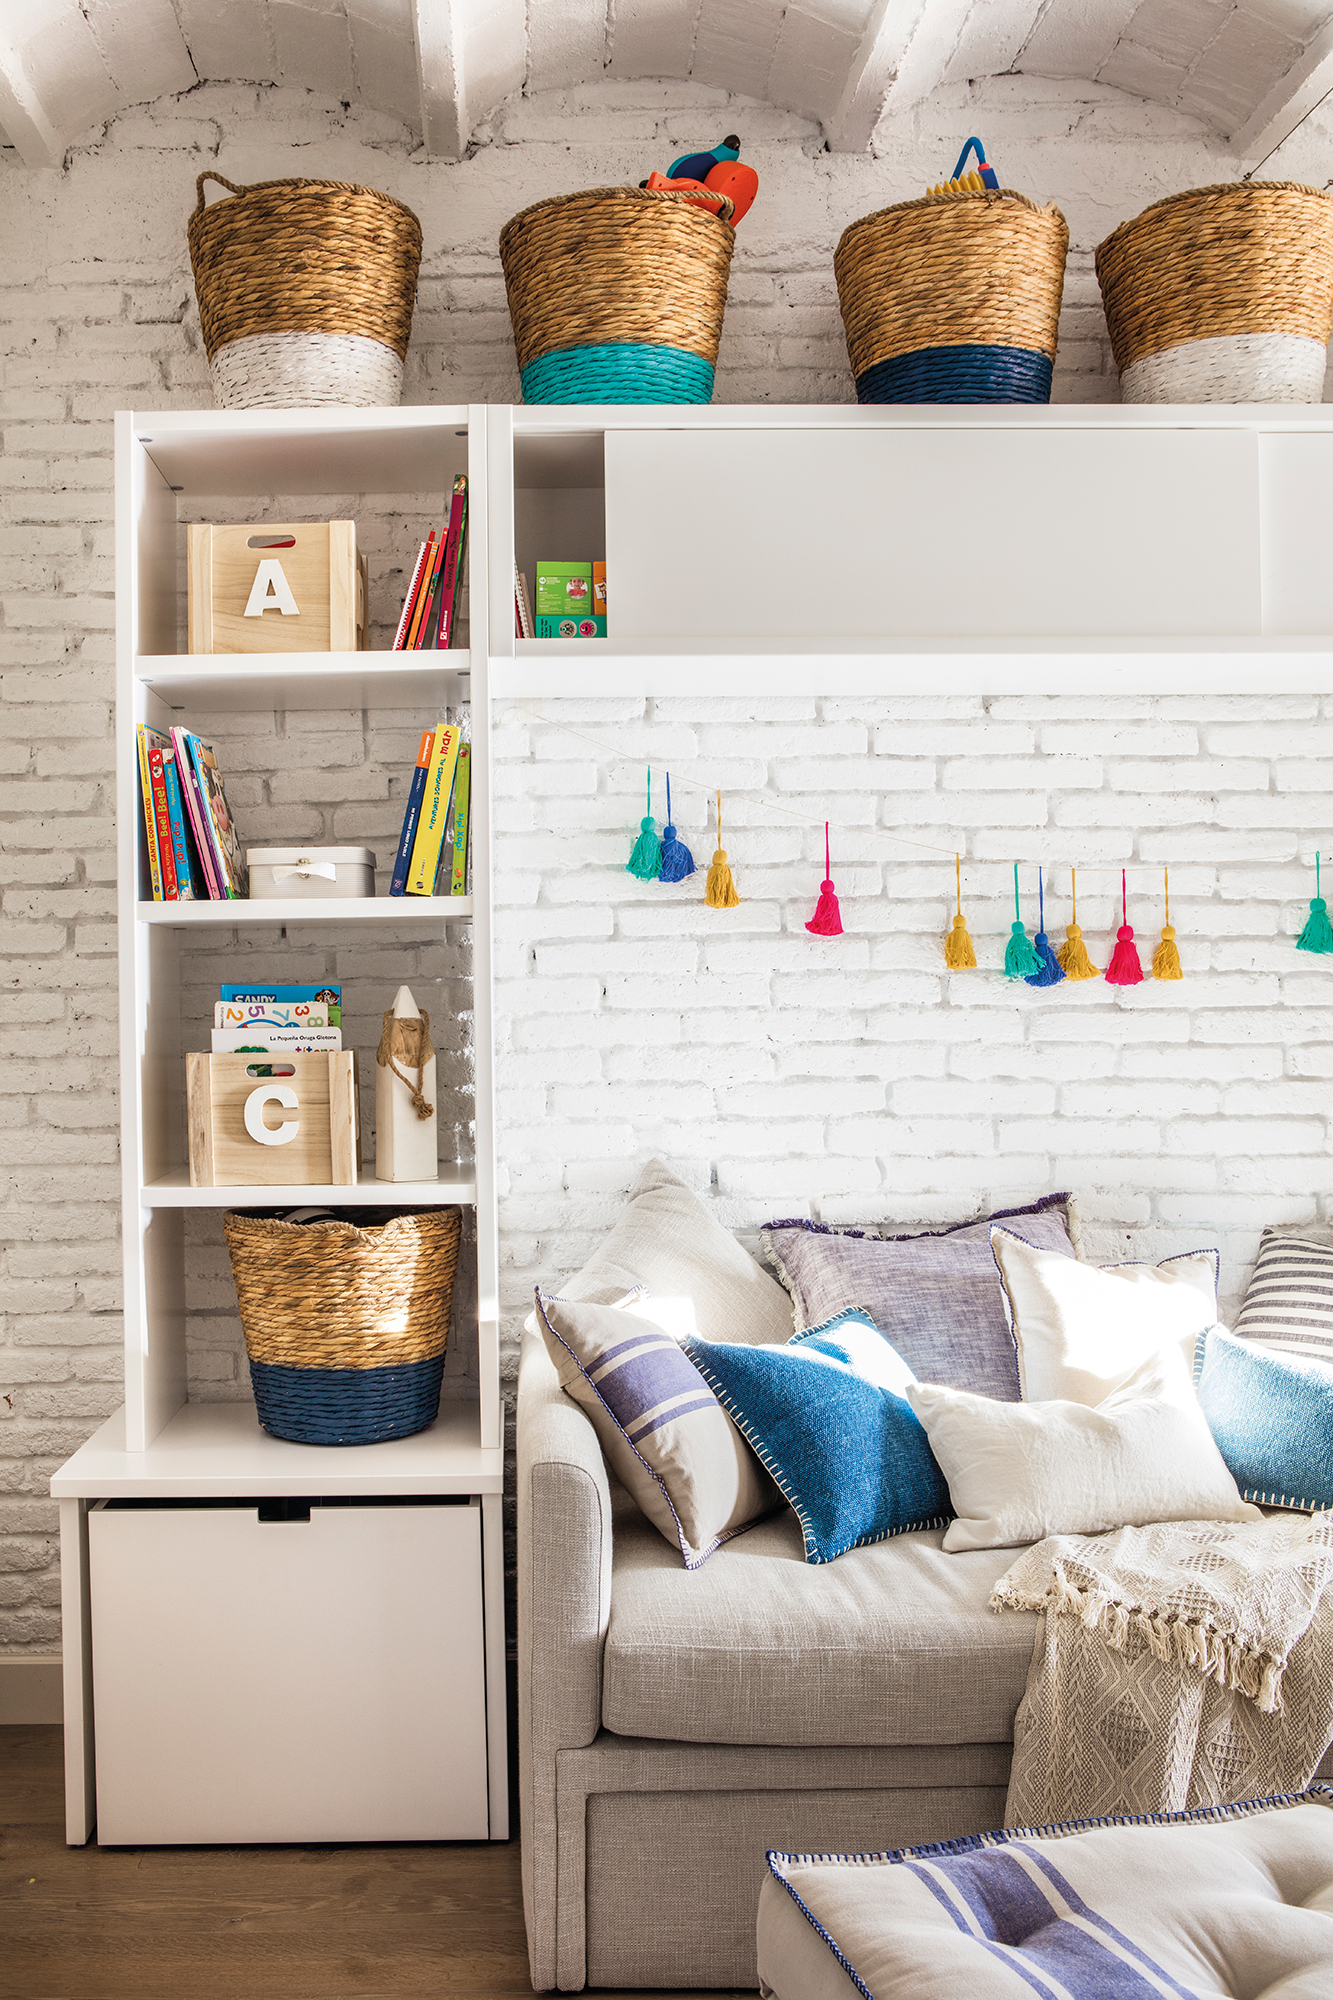 Orden en toda la casa 25 trucos de experto - Baldas para armarios ...